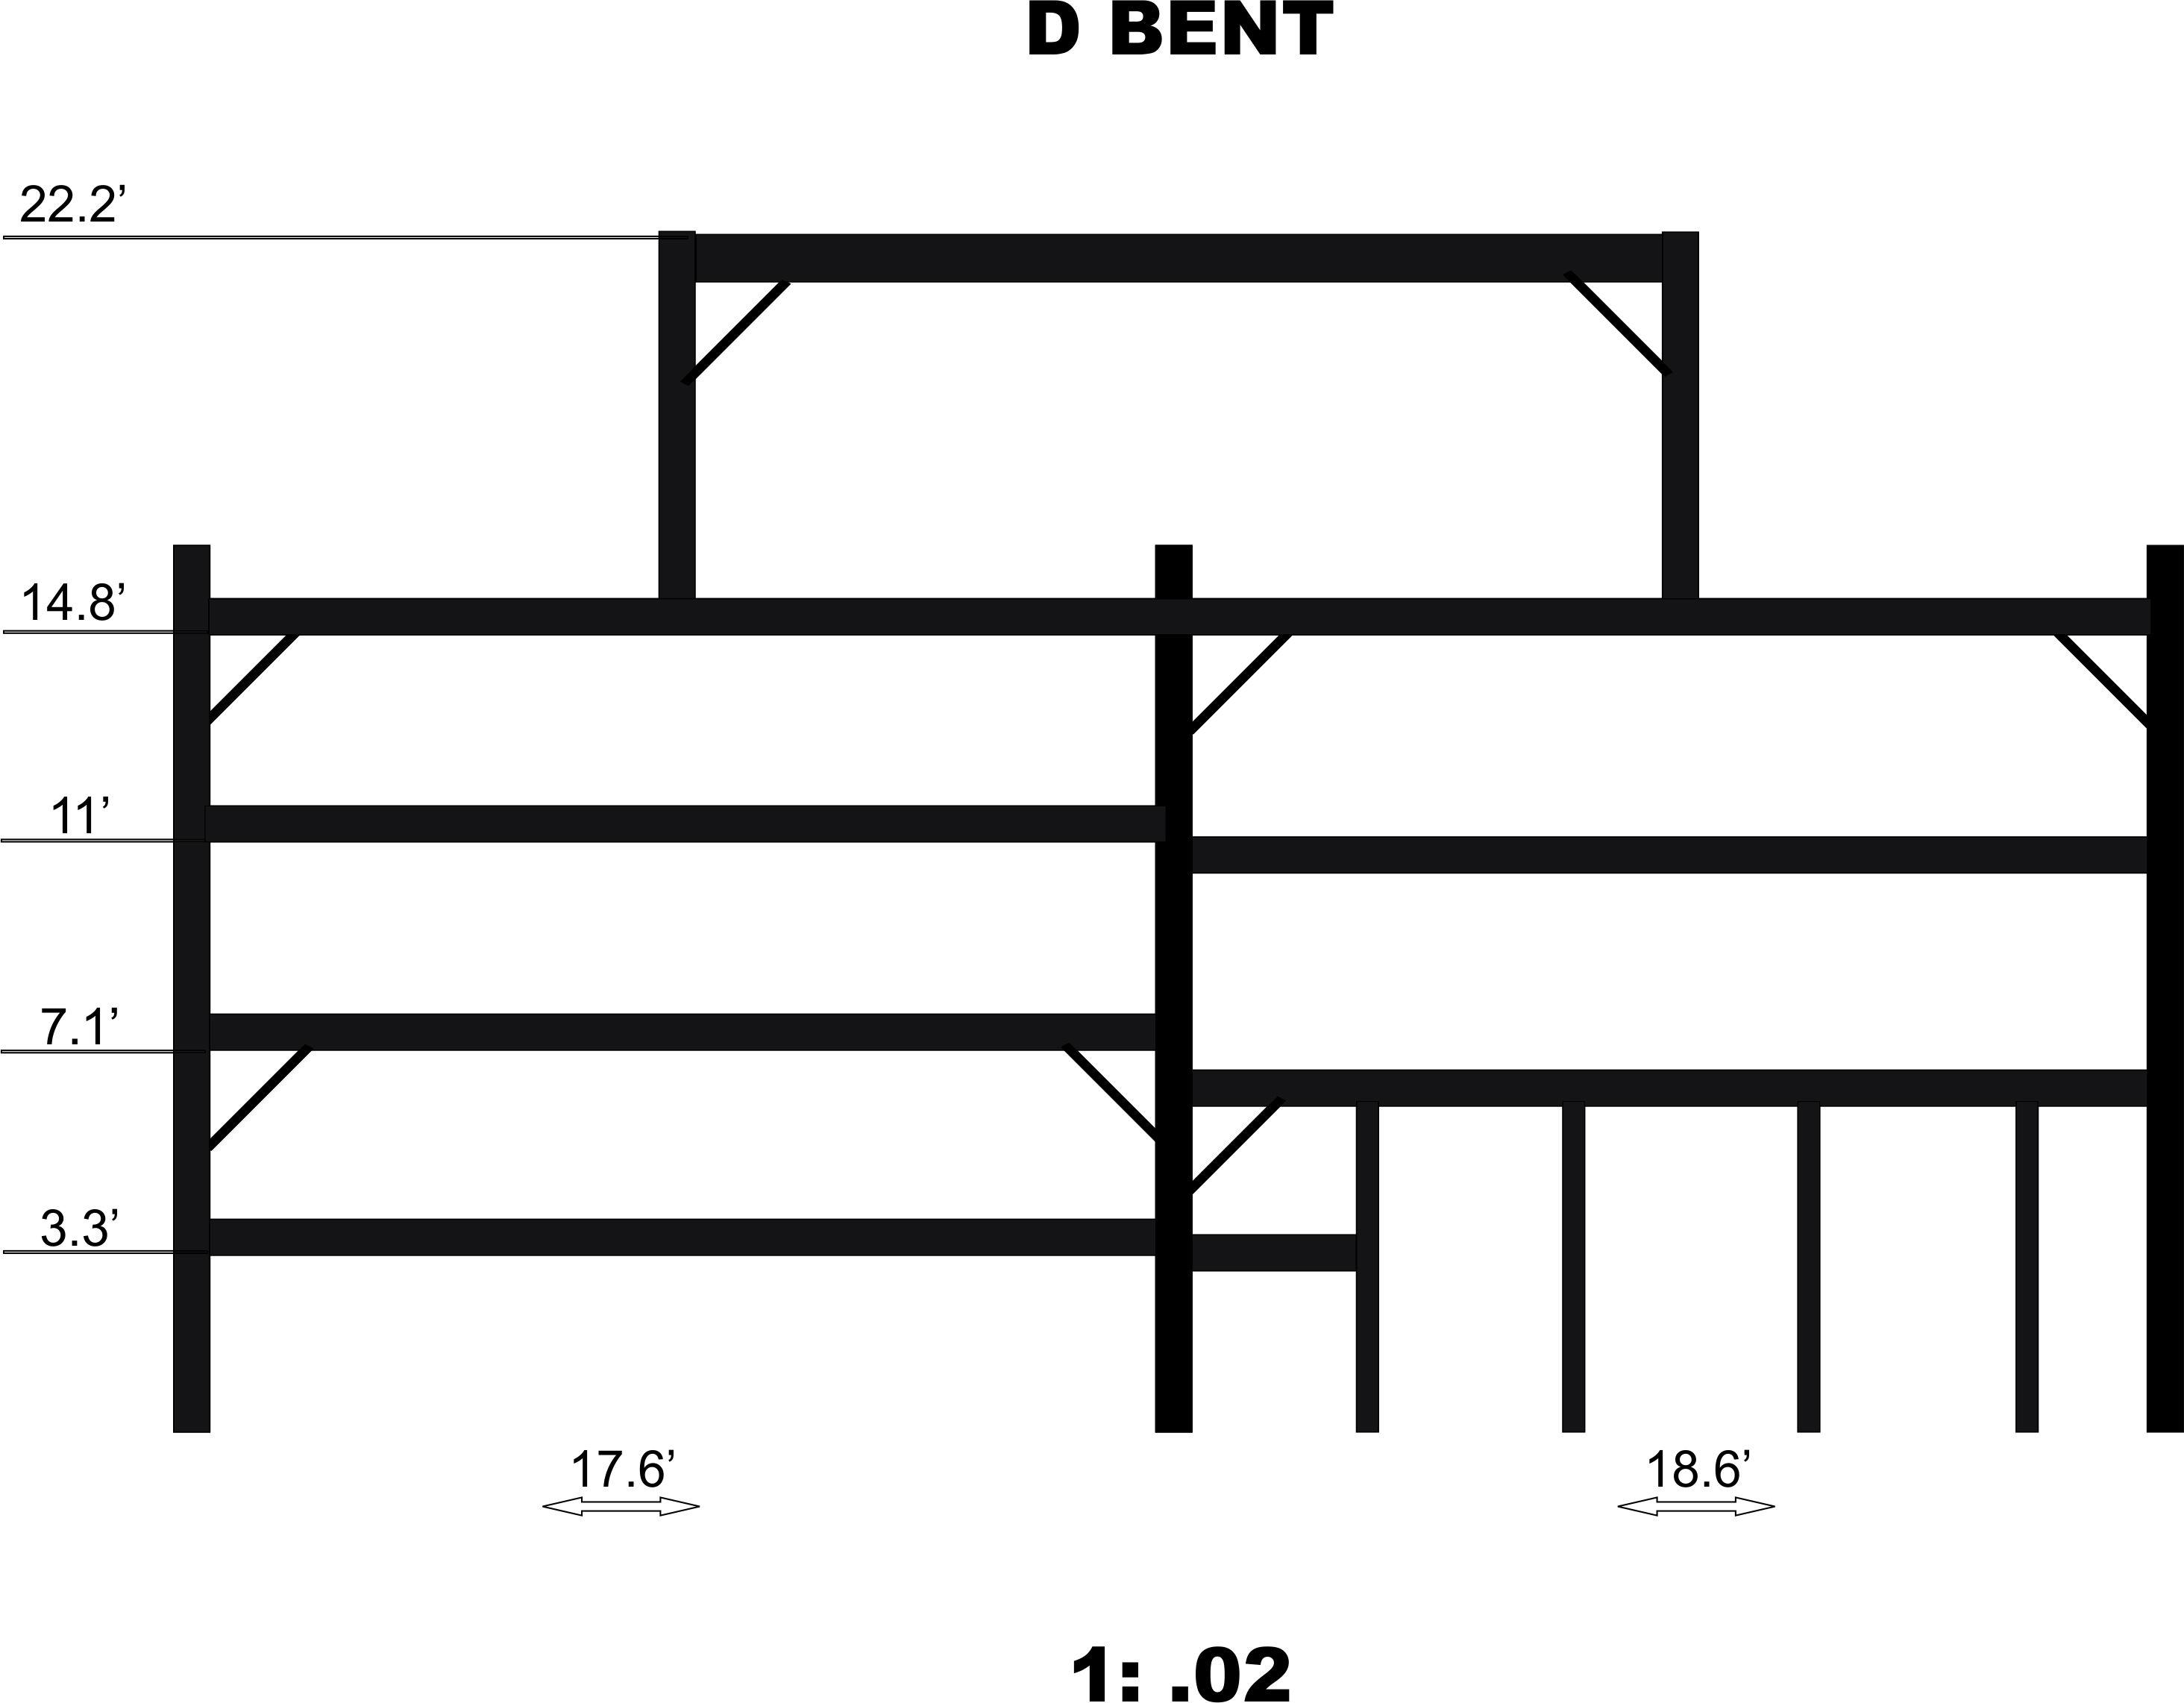 D Bent